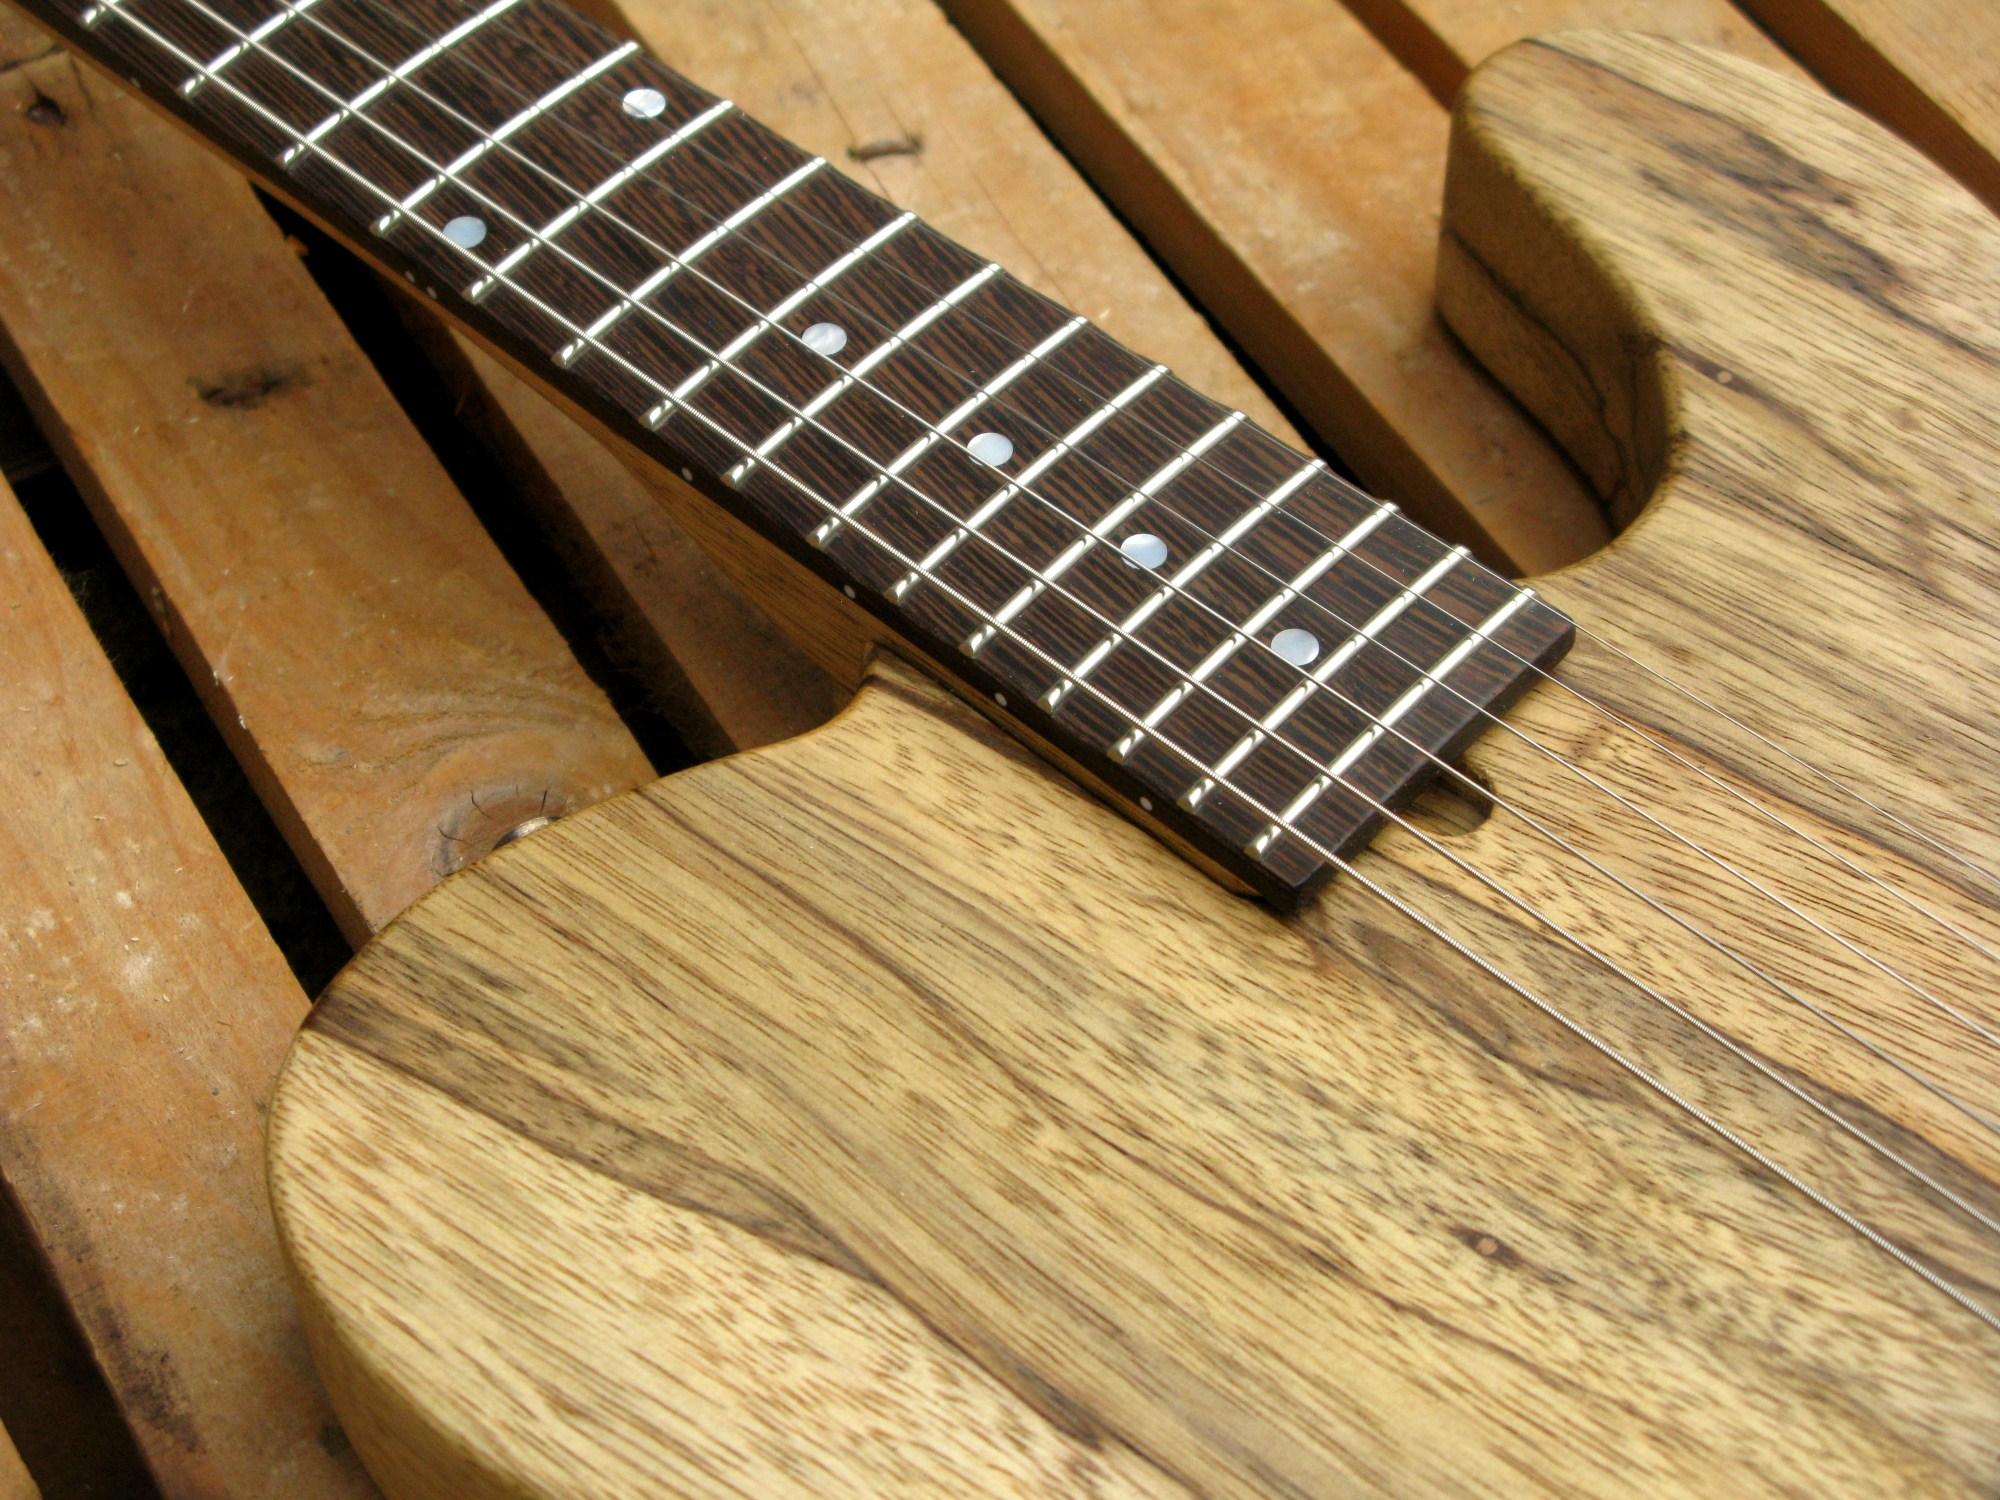 innesto manico chitarra esquire